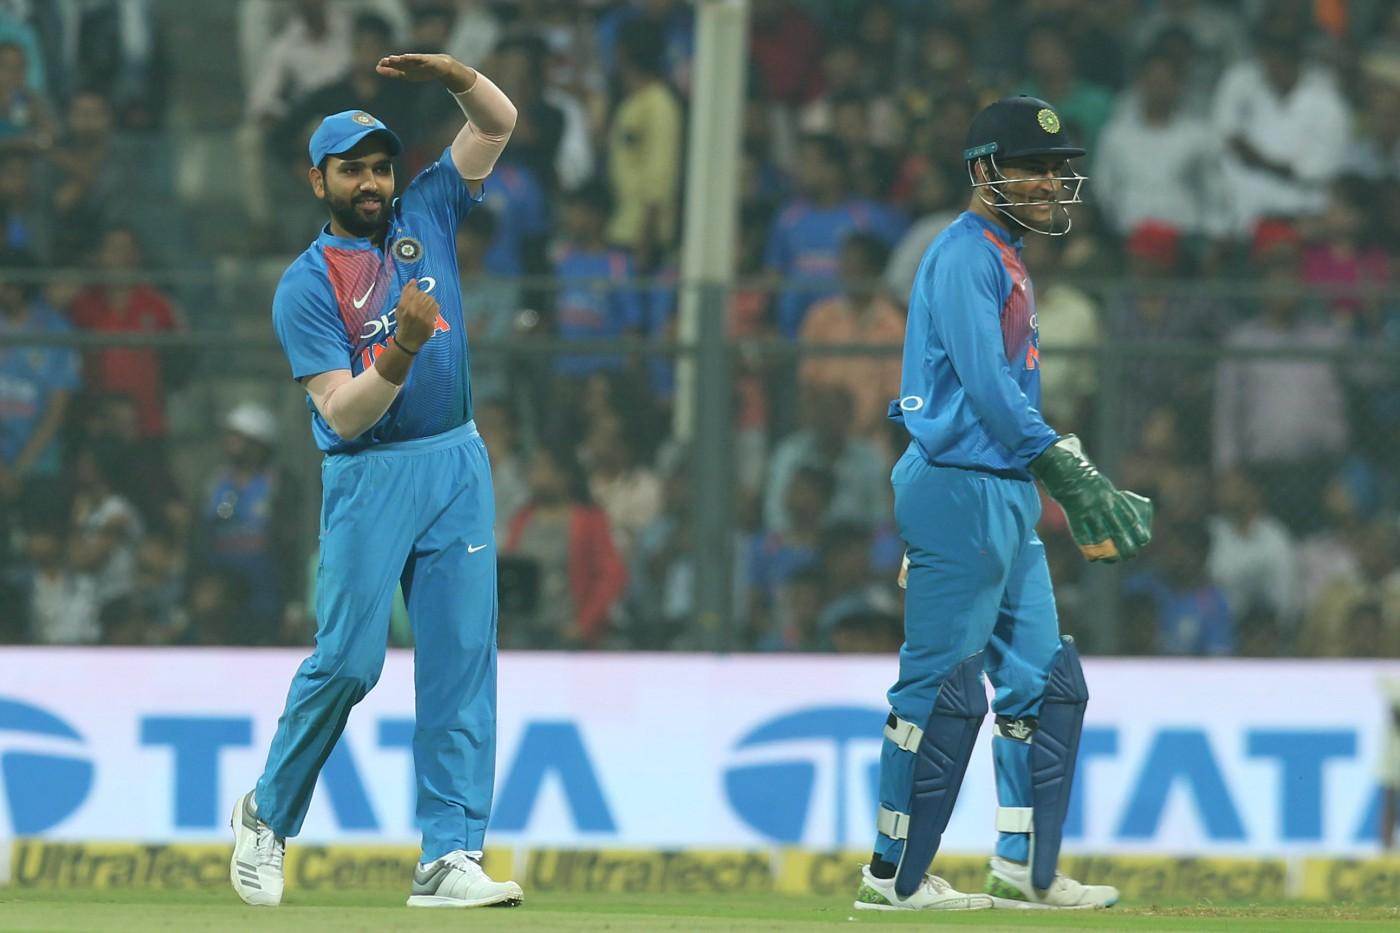 वीडियो: धोनी के मना करने के बाद भी रोहित शर्मा ने लिया रिव्यू  और फिर कप्तान विराट कोहली ने जो किया देख रह जायेंगे हैरान 50